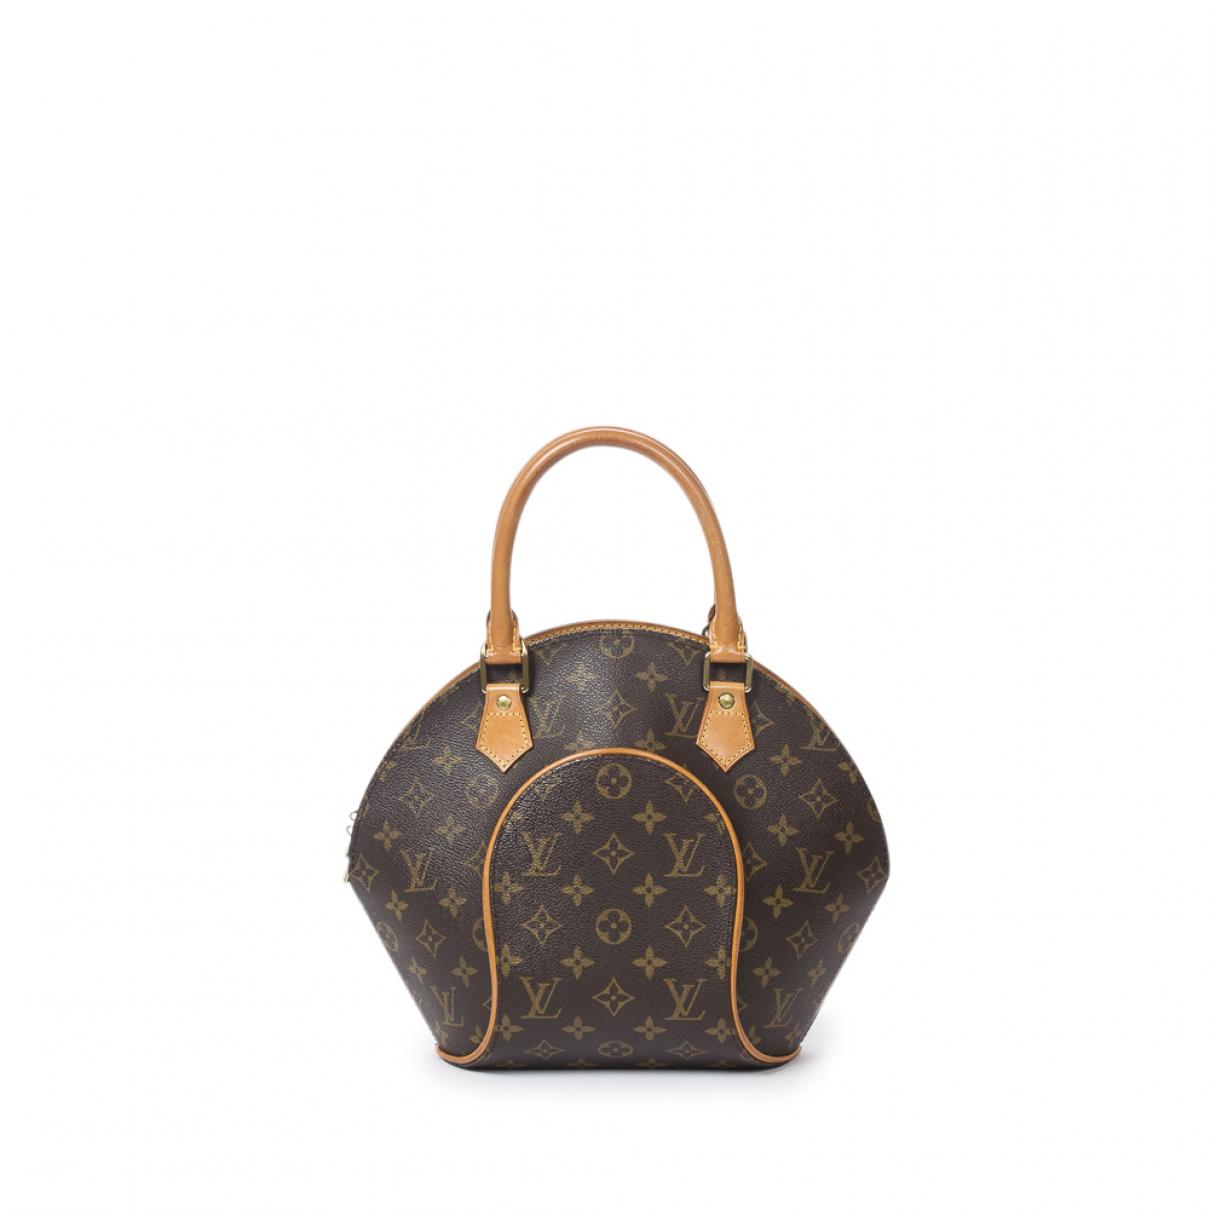 Louis Vuitton - Sac a main Ellipse pour femme en coton - marron